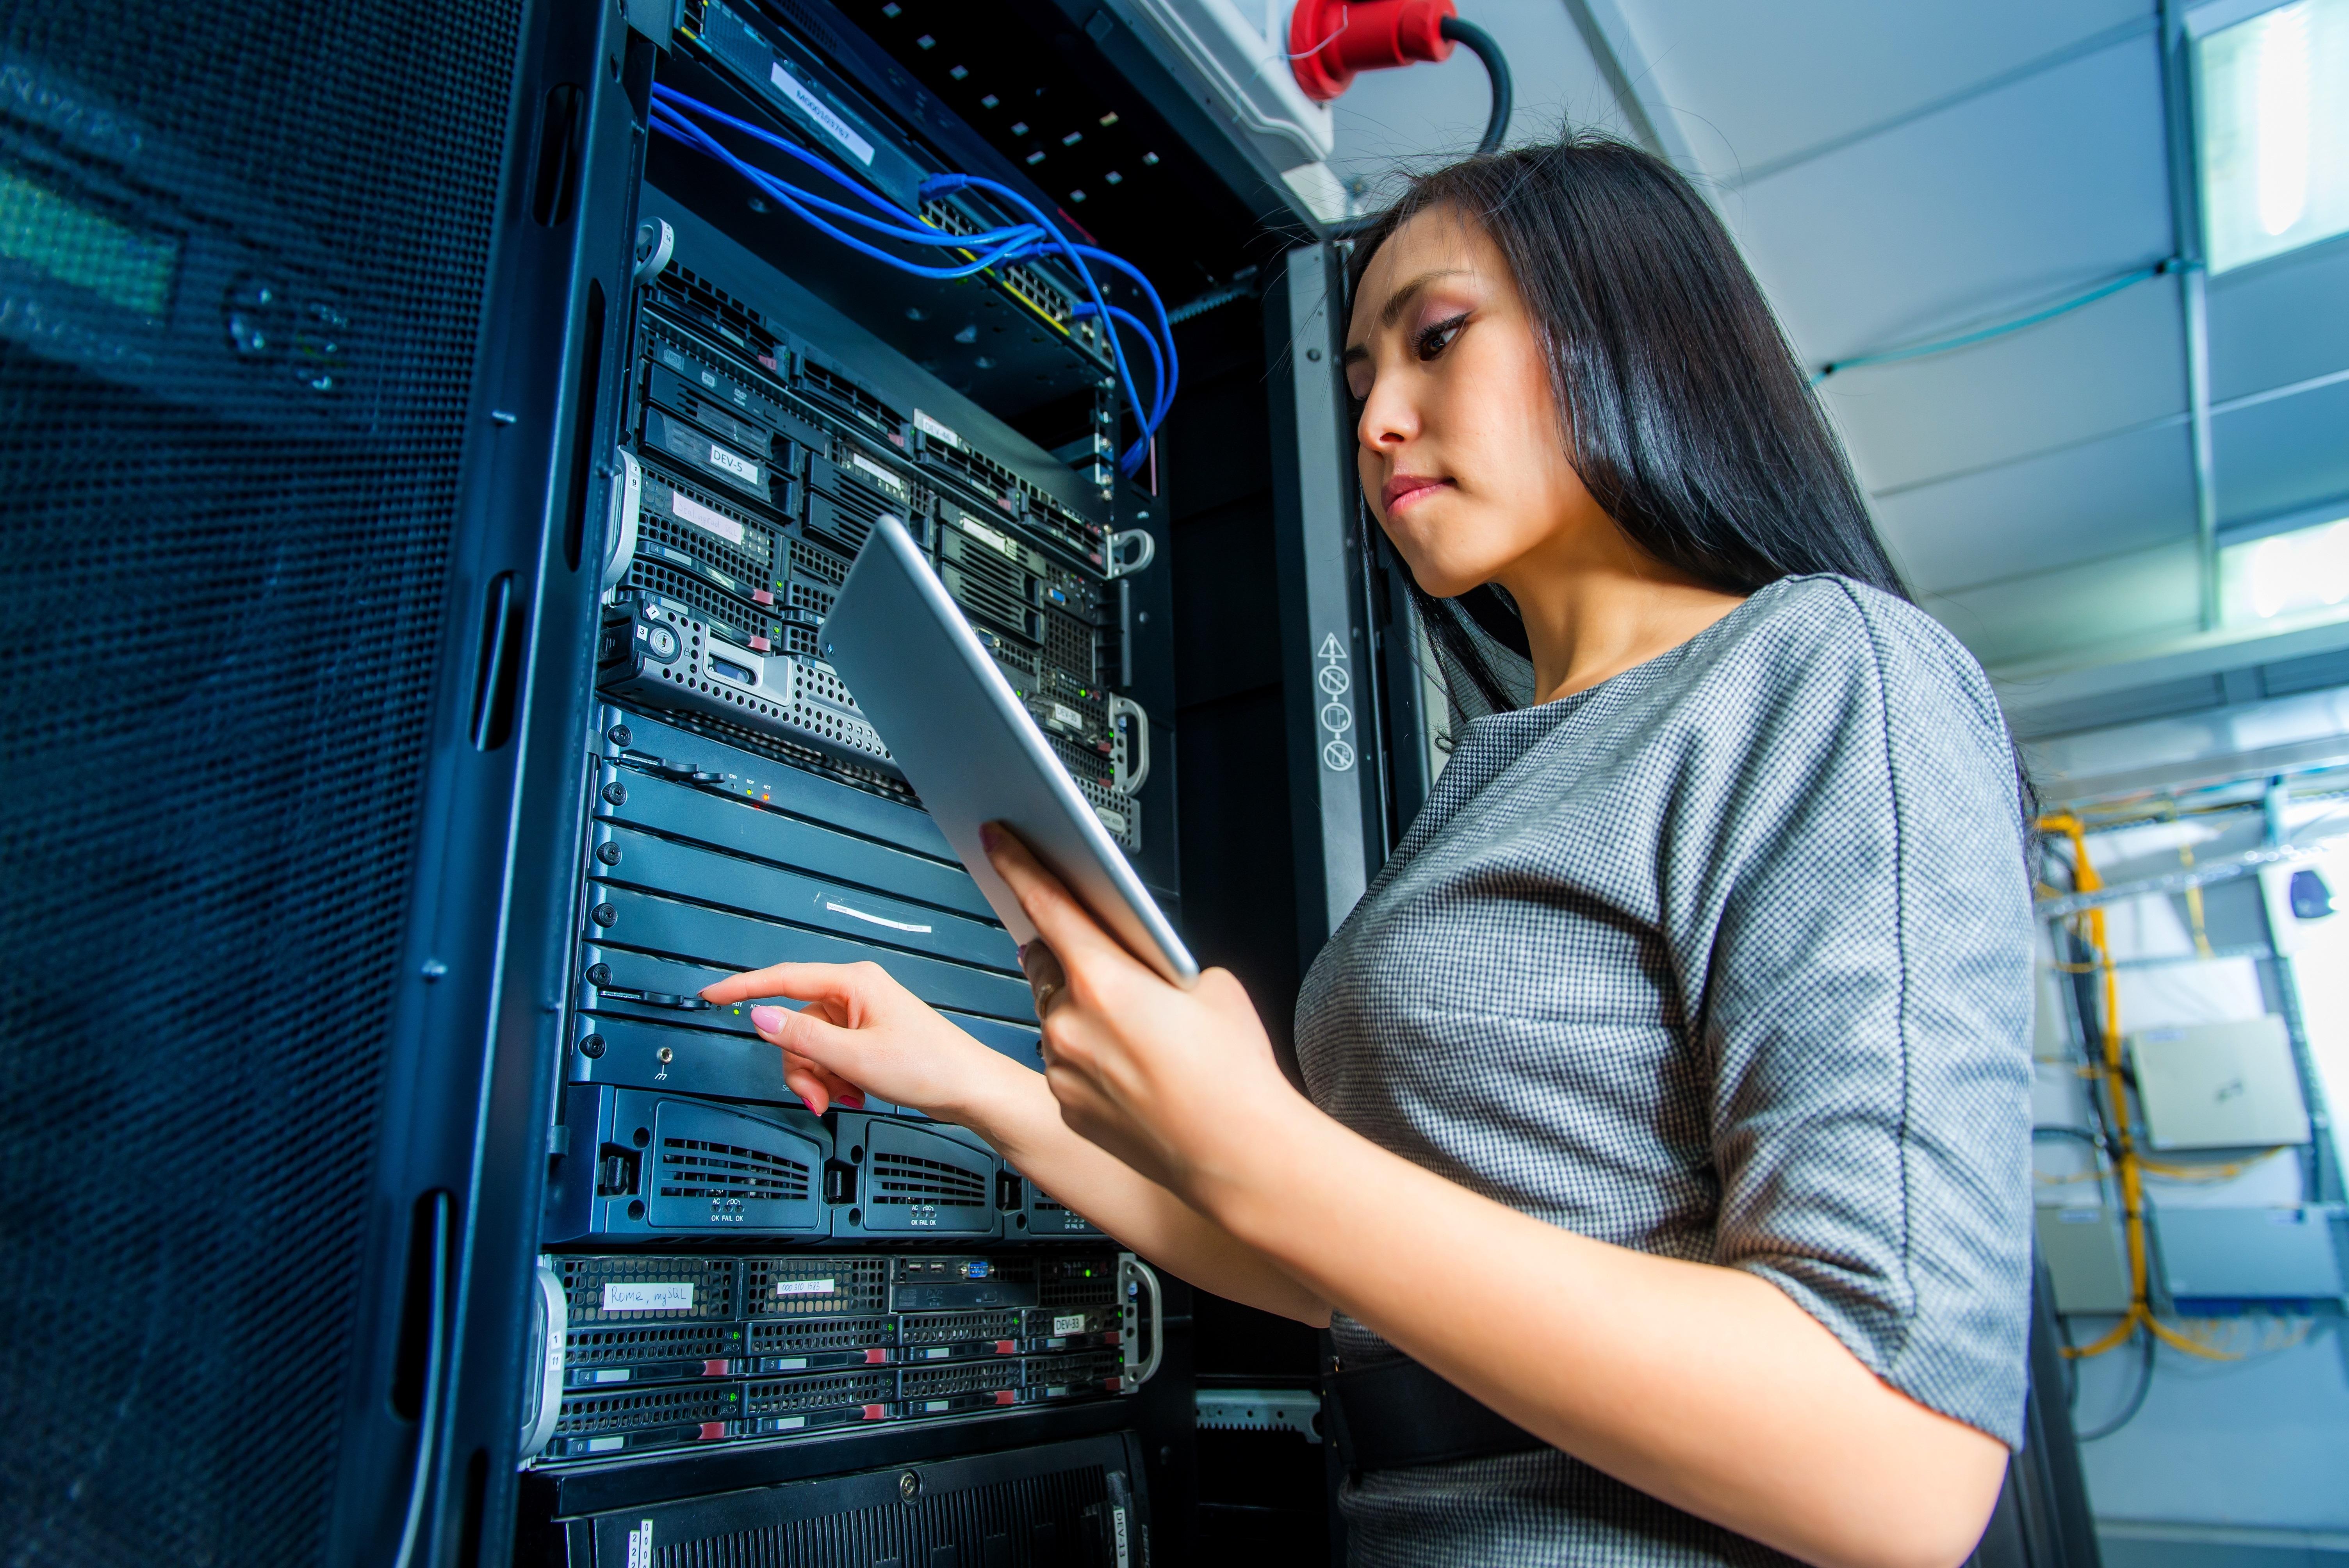 https://assets.sourcemedia.com/0f/16/db5ded634186a360c3665a6de63f/female-tech-worker.jpg